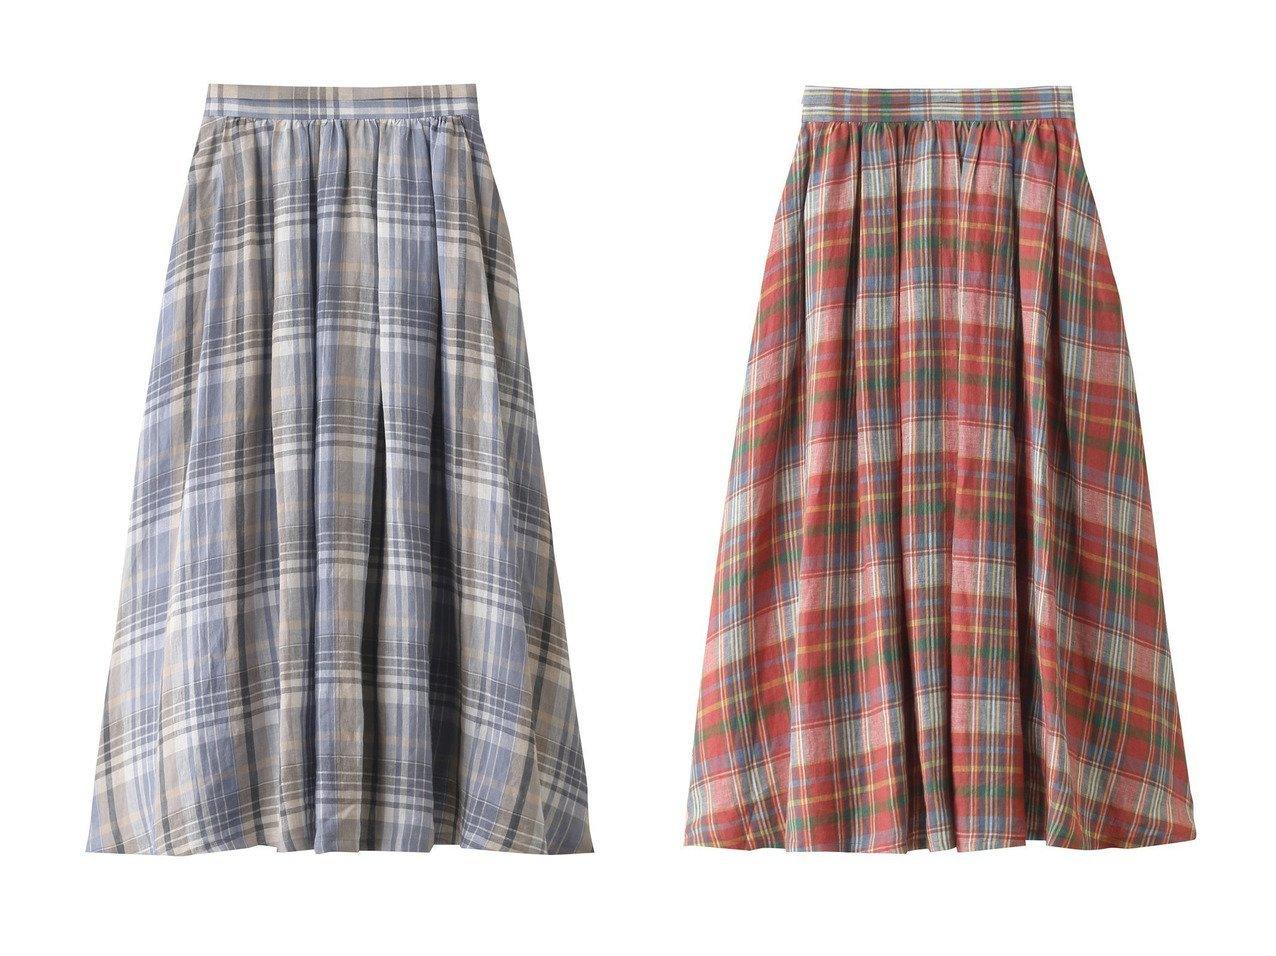 【HOUSE OF LOTUS/ハウス オブ ロータス】のリネンチェック ギャザーフレアスカート 【スカート】おすすめ!人気、トレンド・レディースファッションの通販 おすすめで人気の流行・トレンド、ファッションの通販商品 インテリア・家具・メンズファッション・キッズファッション・レディースファッション・服の通販 founy(ファニー) https://founy.com/ ファッション Fashion レディースファッション WOMEN スカート Skirt Aライン/フレアスカート Flared A-Line Skirts ロングスカート Long Skirt 2020年 2020 2020-2021秋冬・A/W AW・Autumn/Winter・FW・Fall-Winter/2020-2021 2021年 2021 2021-2022秋冬・A/W AW・Autumn/Winter・FW・Fall-Winter・2021-2022 A/W・秋冬 AW・Autumn/Winter・FW・Fall-Winter ギャザー チェック フレア リネン ロング 吸水 |ID:crp329100000056318